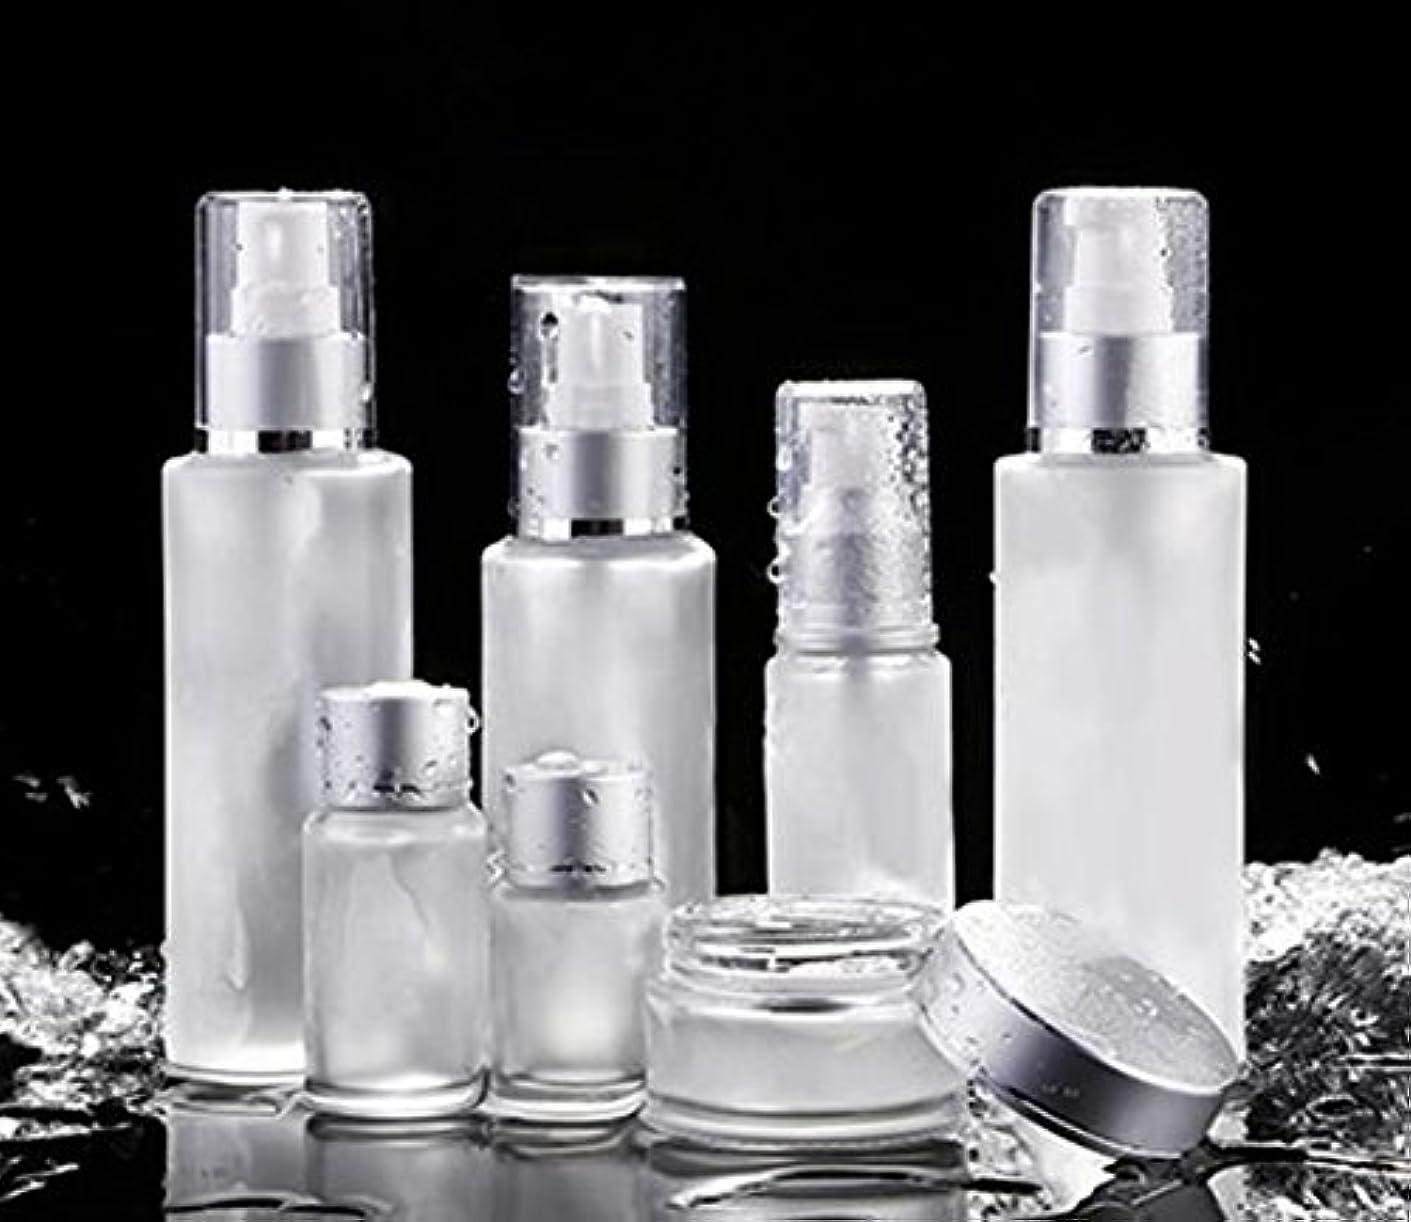 極地八限界ShopXJ 化粧水 容器 スプレー 詰め替え 携帯 ボトル プッシュ ボトル 旅行 お出かけ 外泊に (50ml)